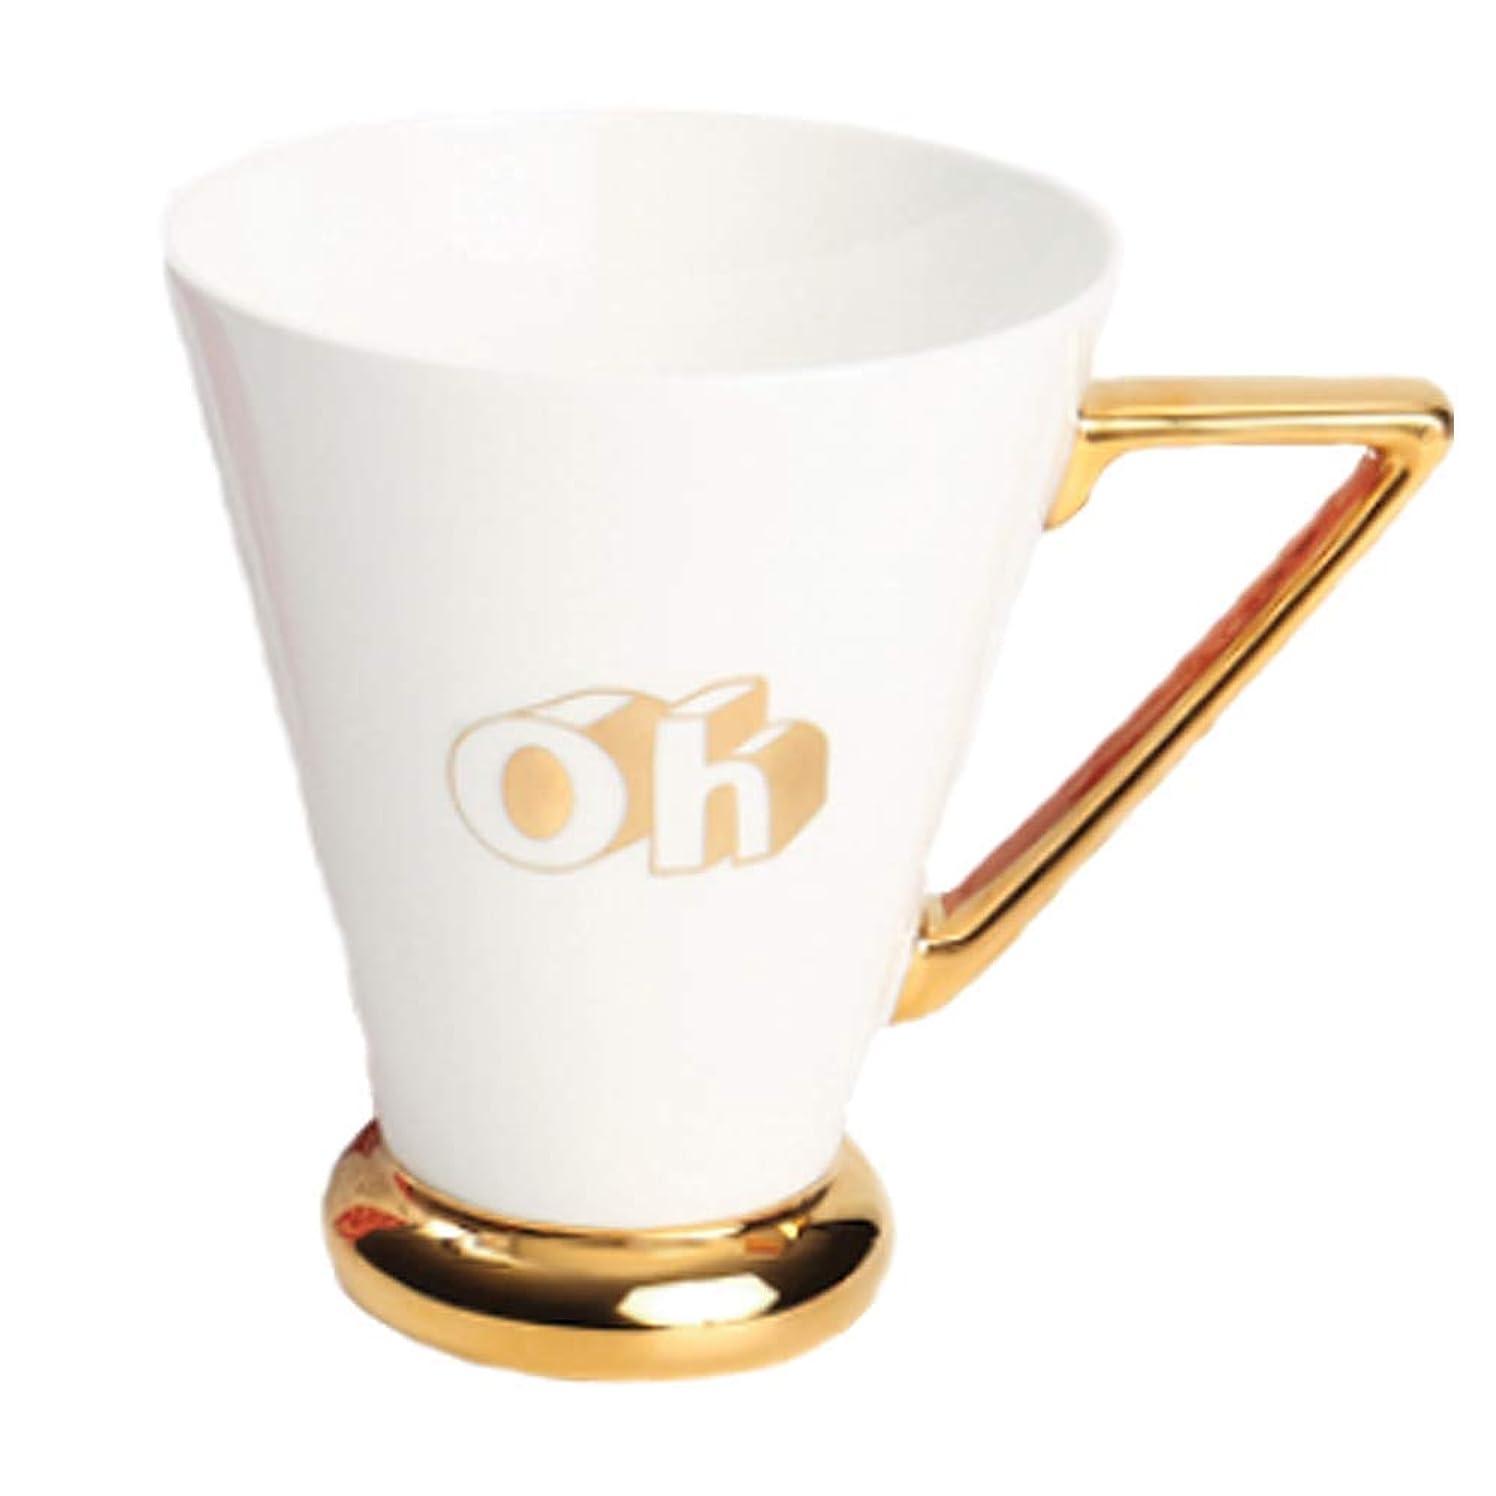 酒原点佐賀Exquisitxマグ、コニカルモダン時代シリーズ、セラミックカップミルクカップ朝食カップコーヒーカップ、ギフトホームオフィスカップセラミックカップ